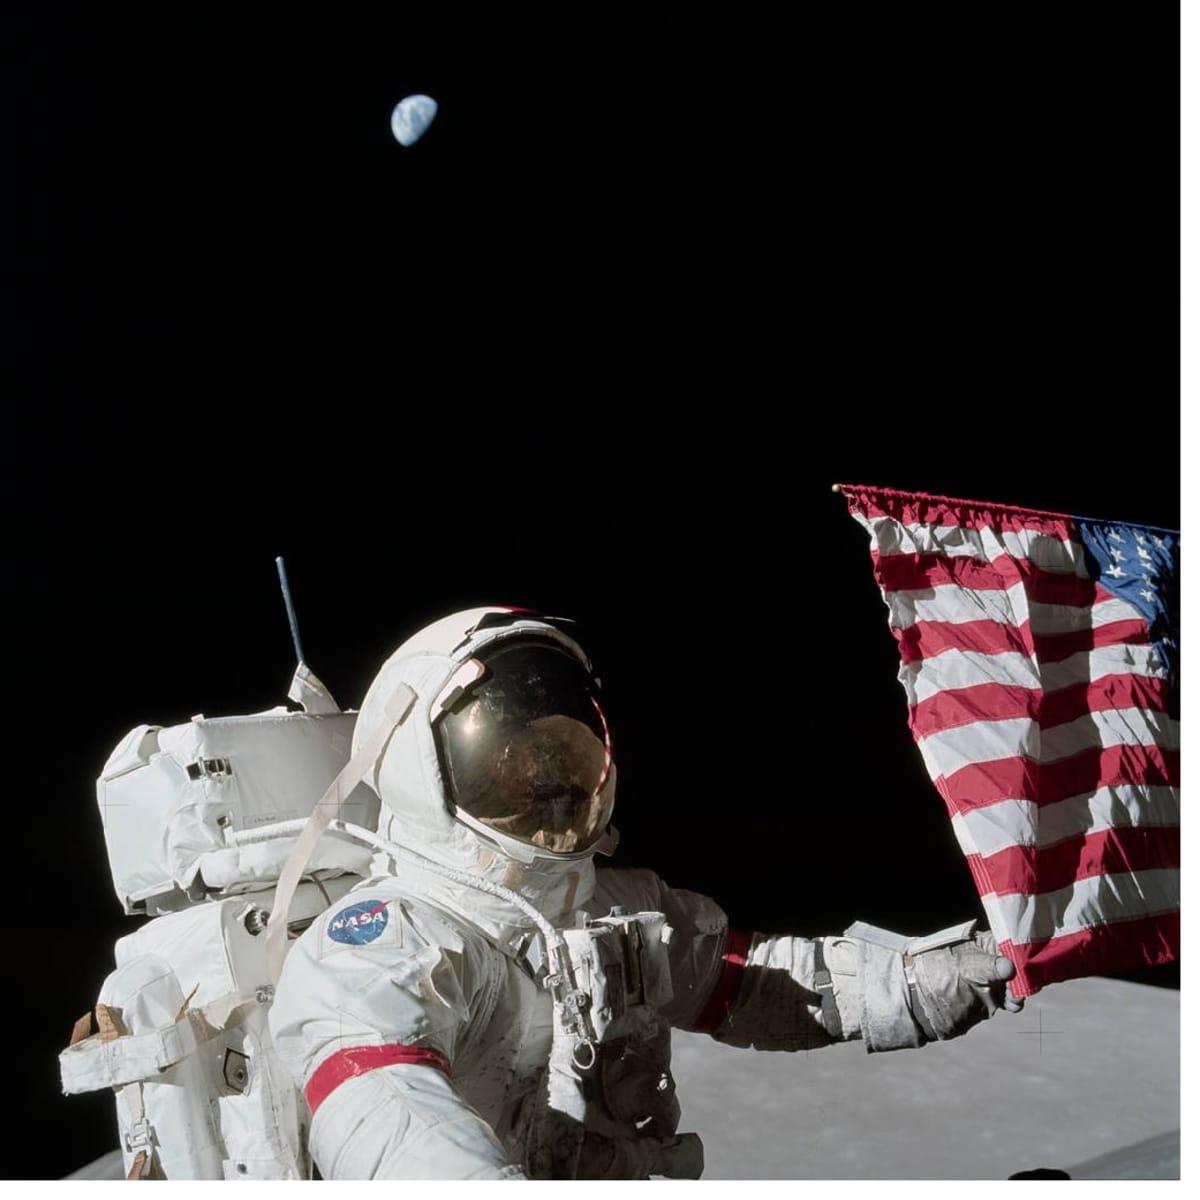 Astronautti pitelee kiinni lipun kulmasta. Taustalla avaruudessa häämöttää maapallo.